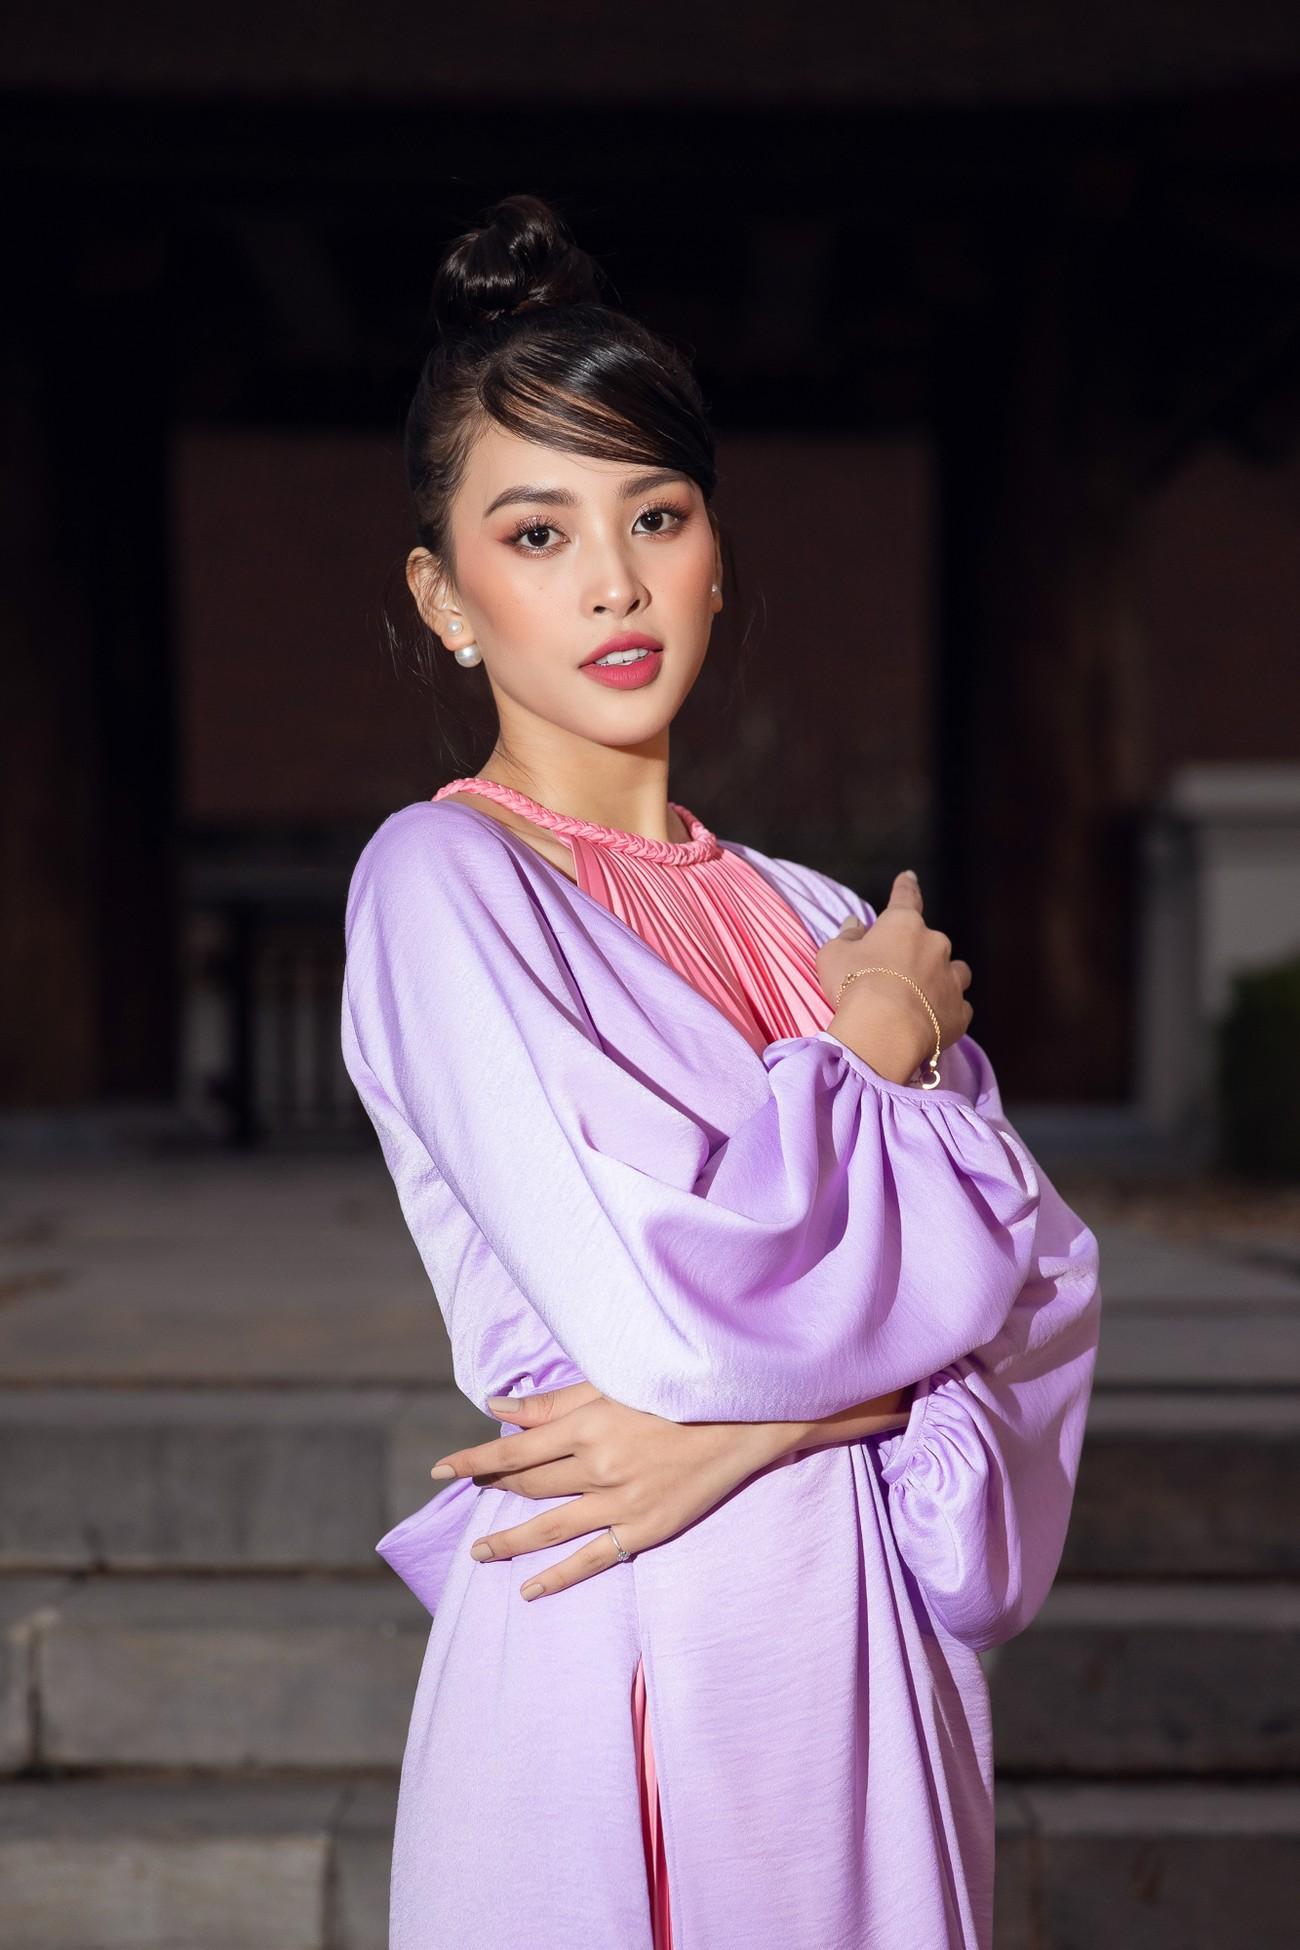 Tiểu Vy, Đỗ Mỹ Linh cùng dàn hậu mặc váy yếm quyến rũ giữa tiết trời lạnh giá ảnh 2